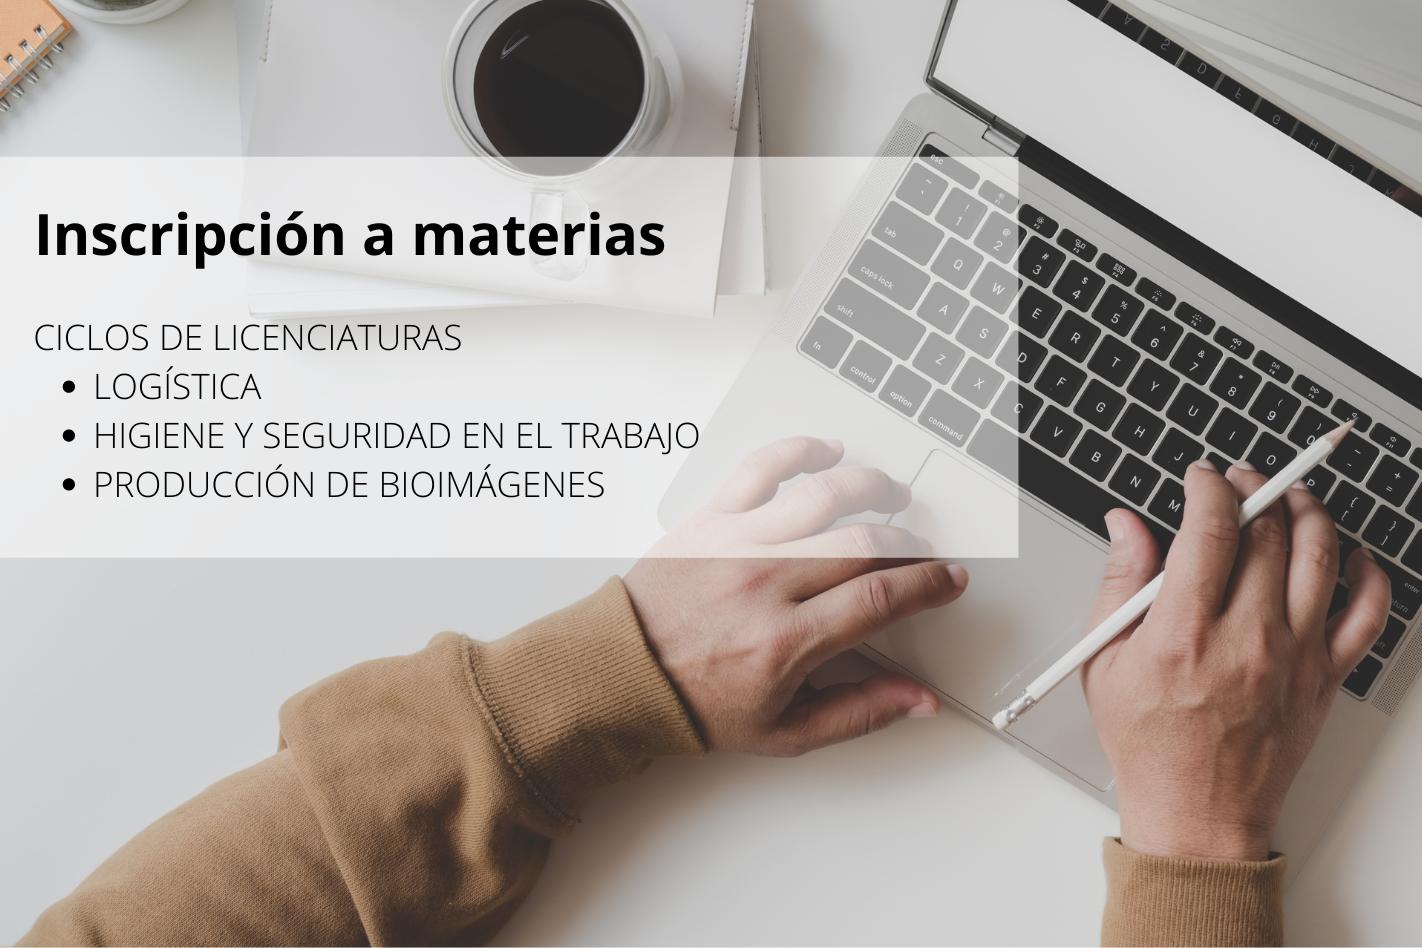 Inscripción a materias - Ciclo de Licenciaturas